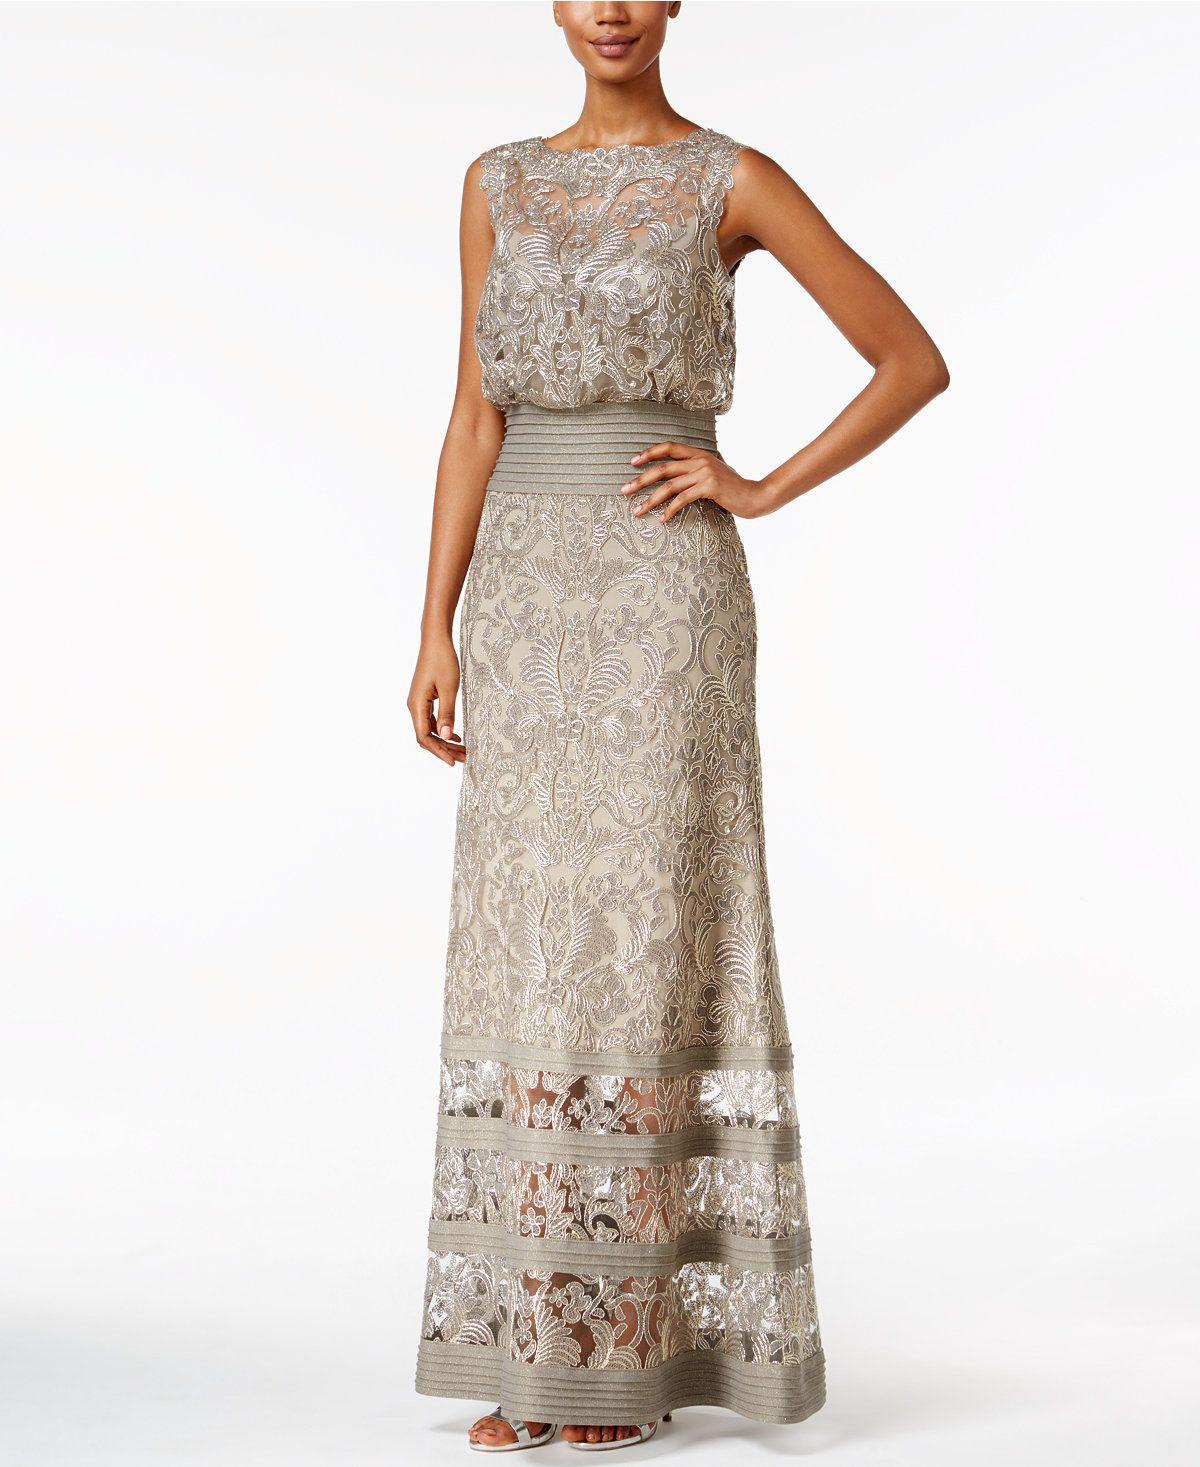 c1d22a058d9f Tadashi Shoji Lace Blouson Gown - Dresses - Women - Macy's ...